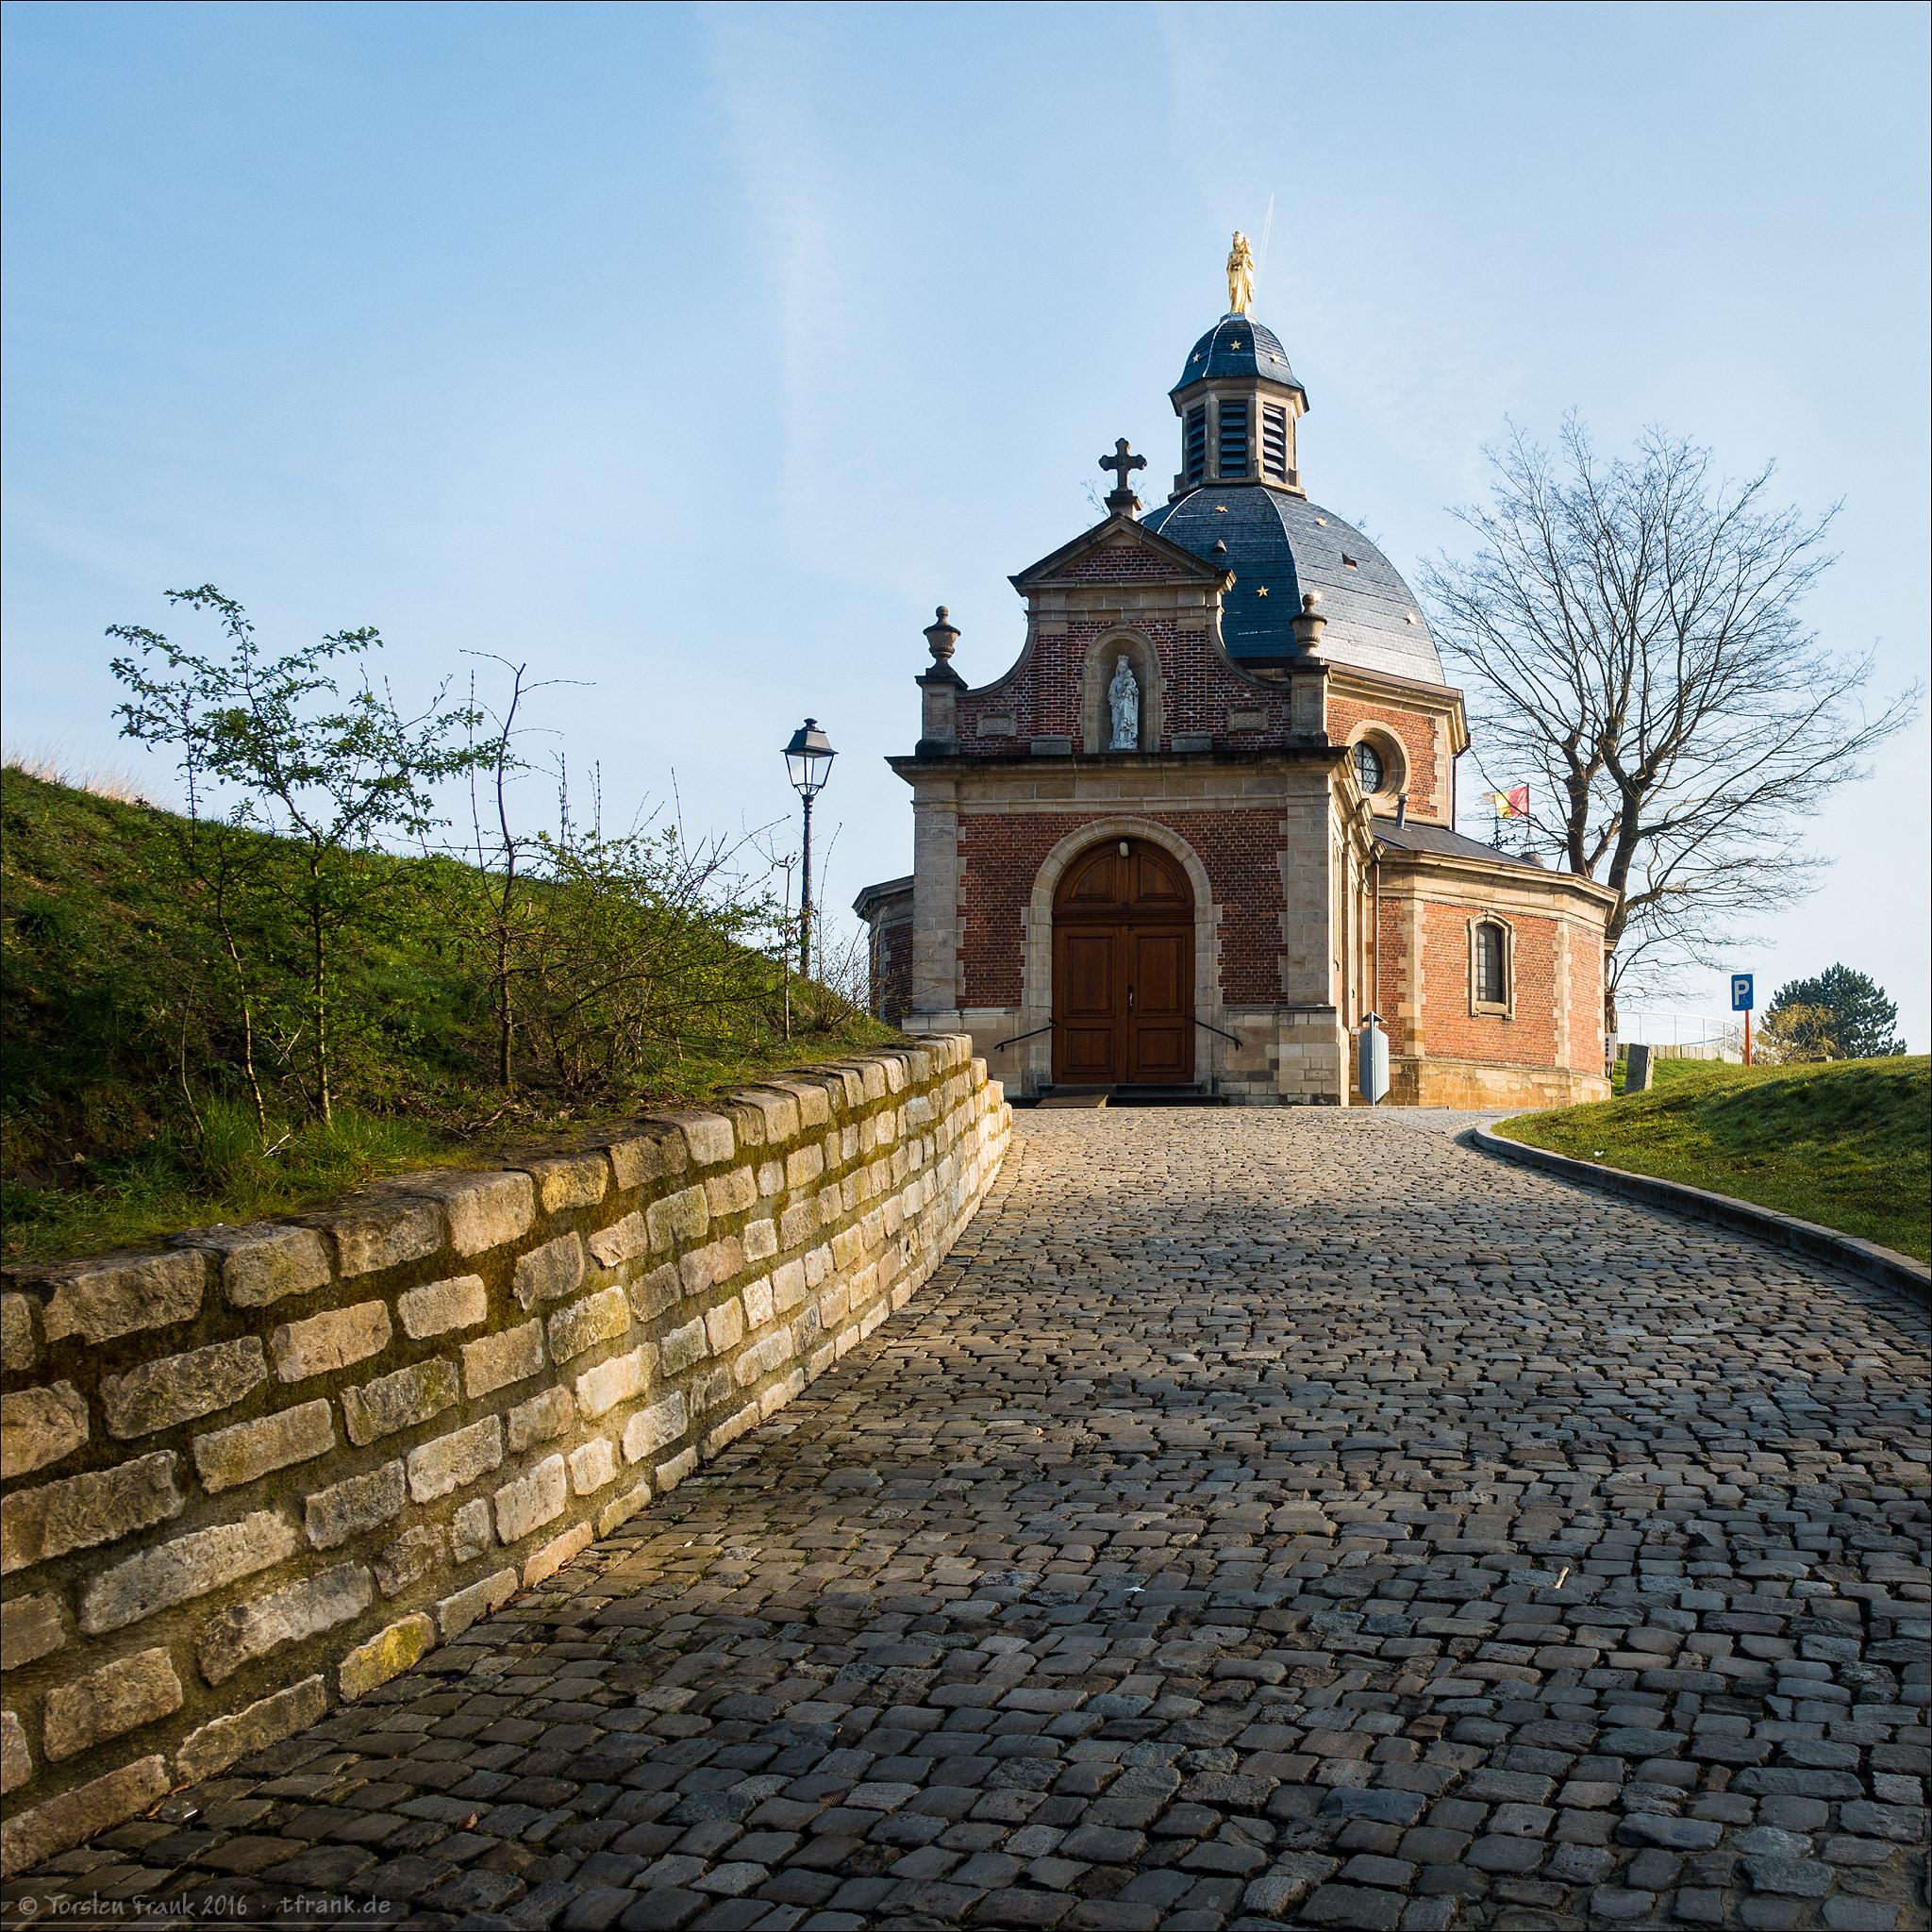 Kapelmuur,Belgien,Torsten Frank